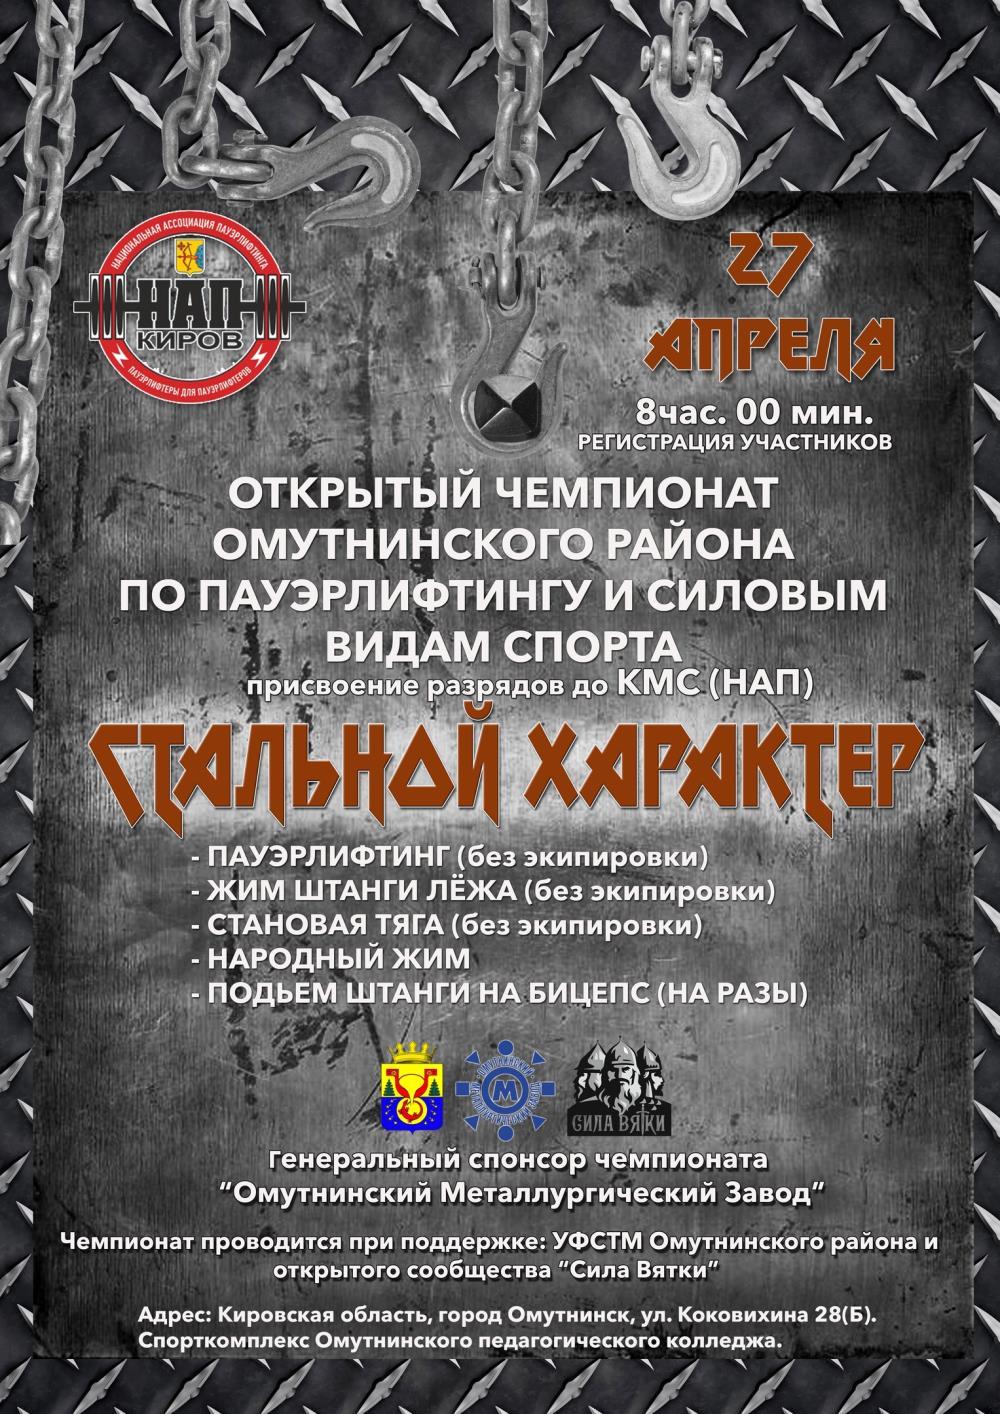 «Стальной характер» в Омутнинске